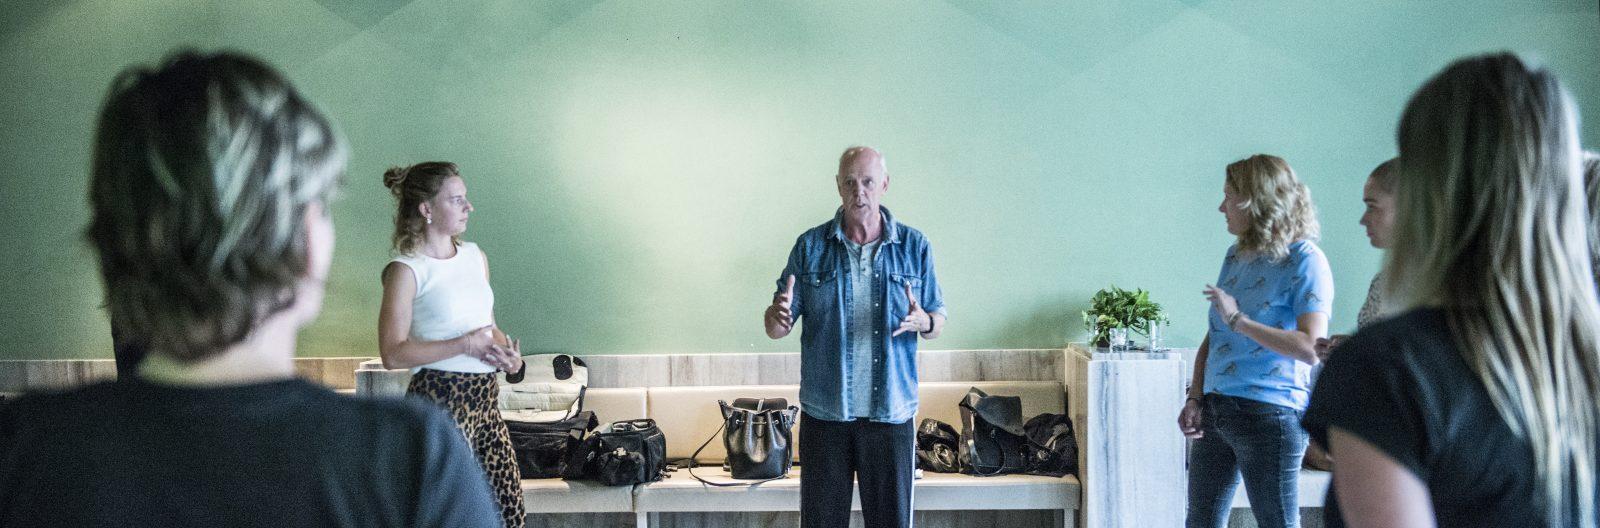 Acteur & docent Wil van der Meer in actie tijdens de workshop 'ik speel wie ik ben'